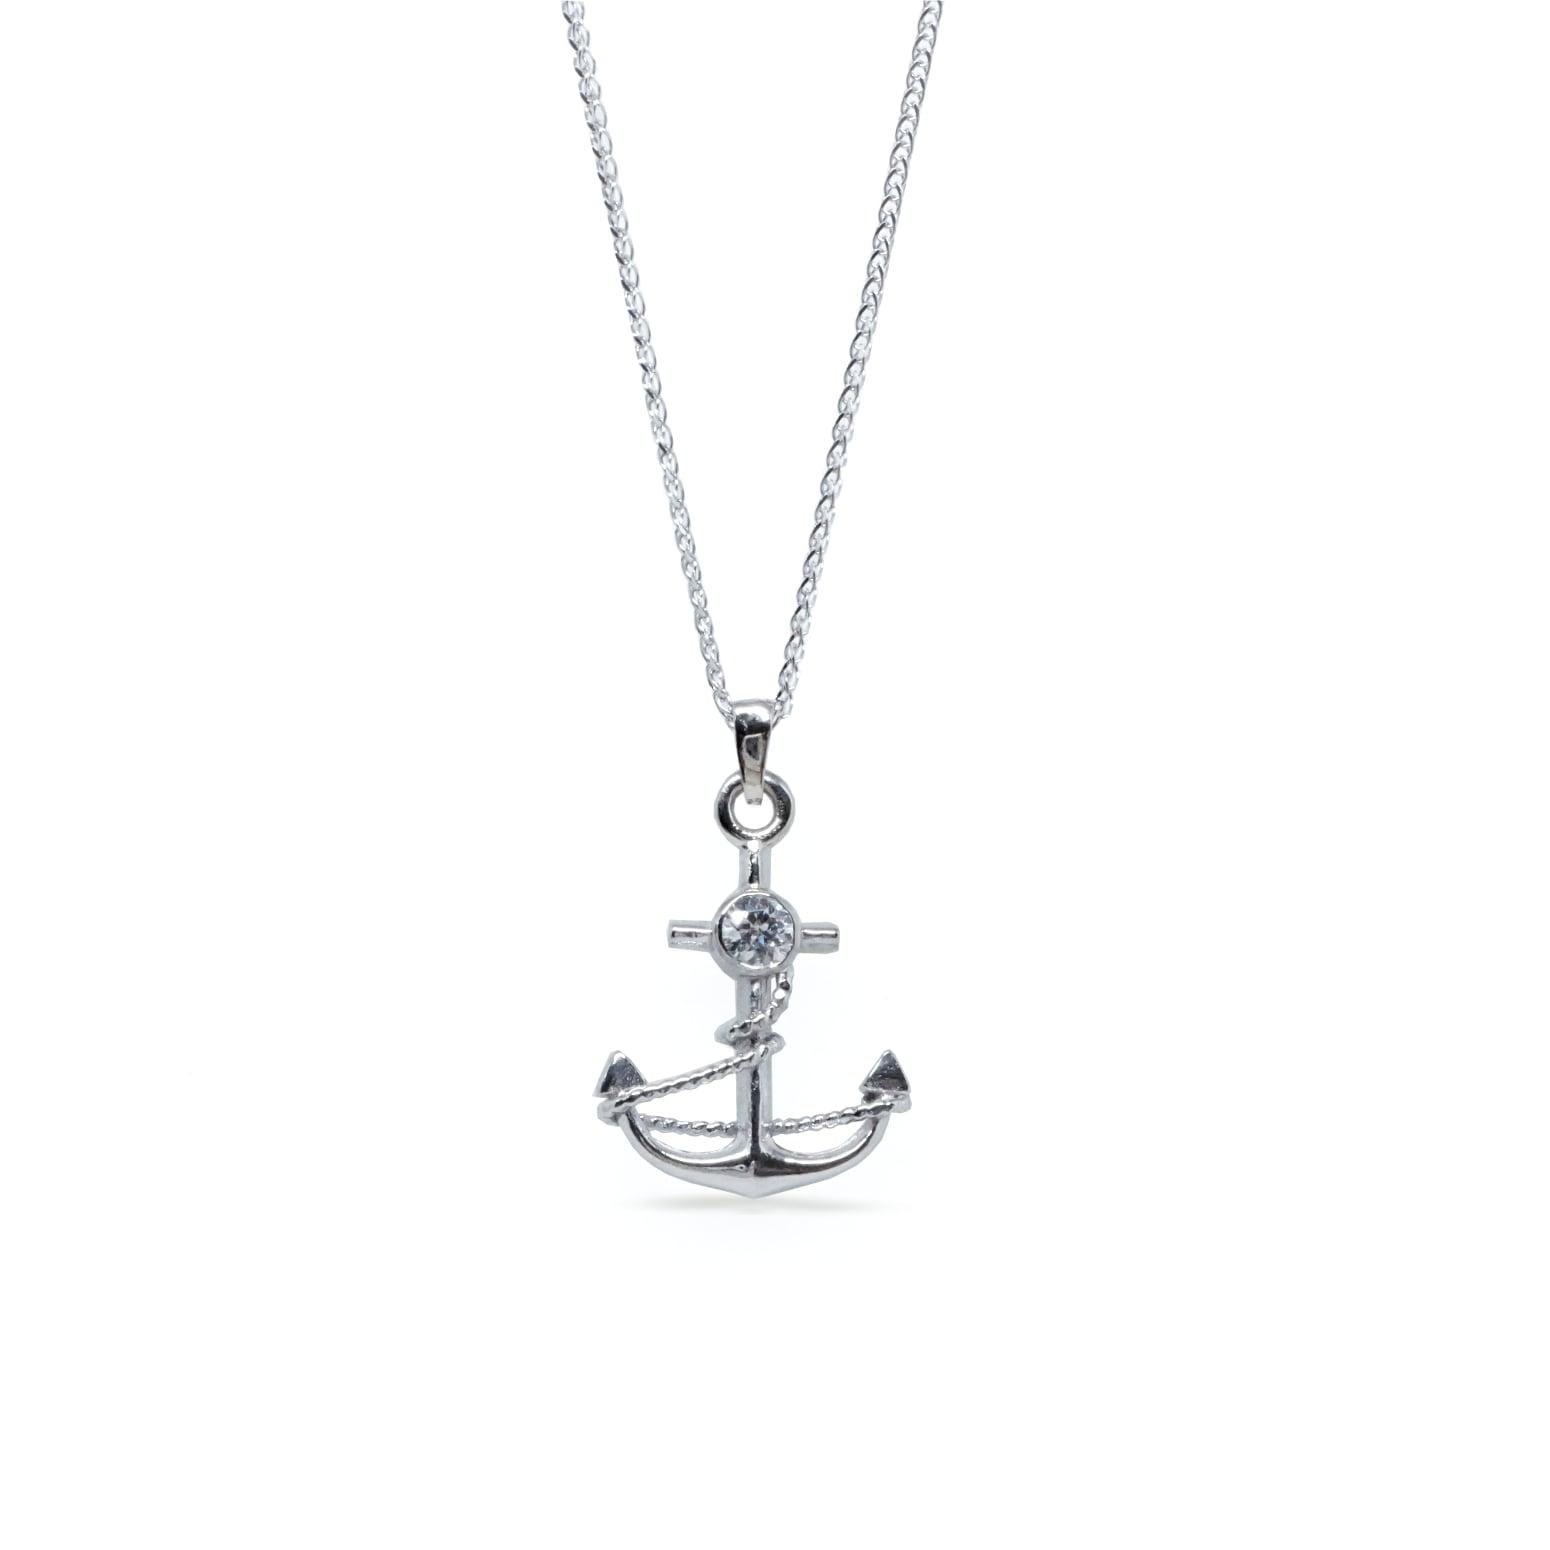 שרשרת עוגן לגבר עשויה בזהב 14 קרט בשילוב יהלום שרשרת יהלום לגבר